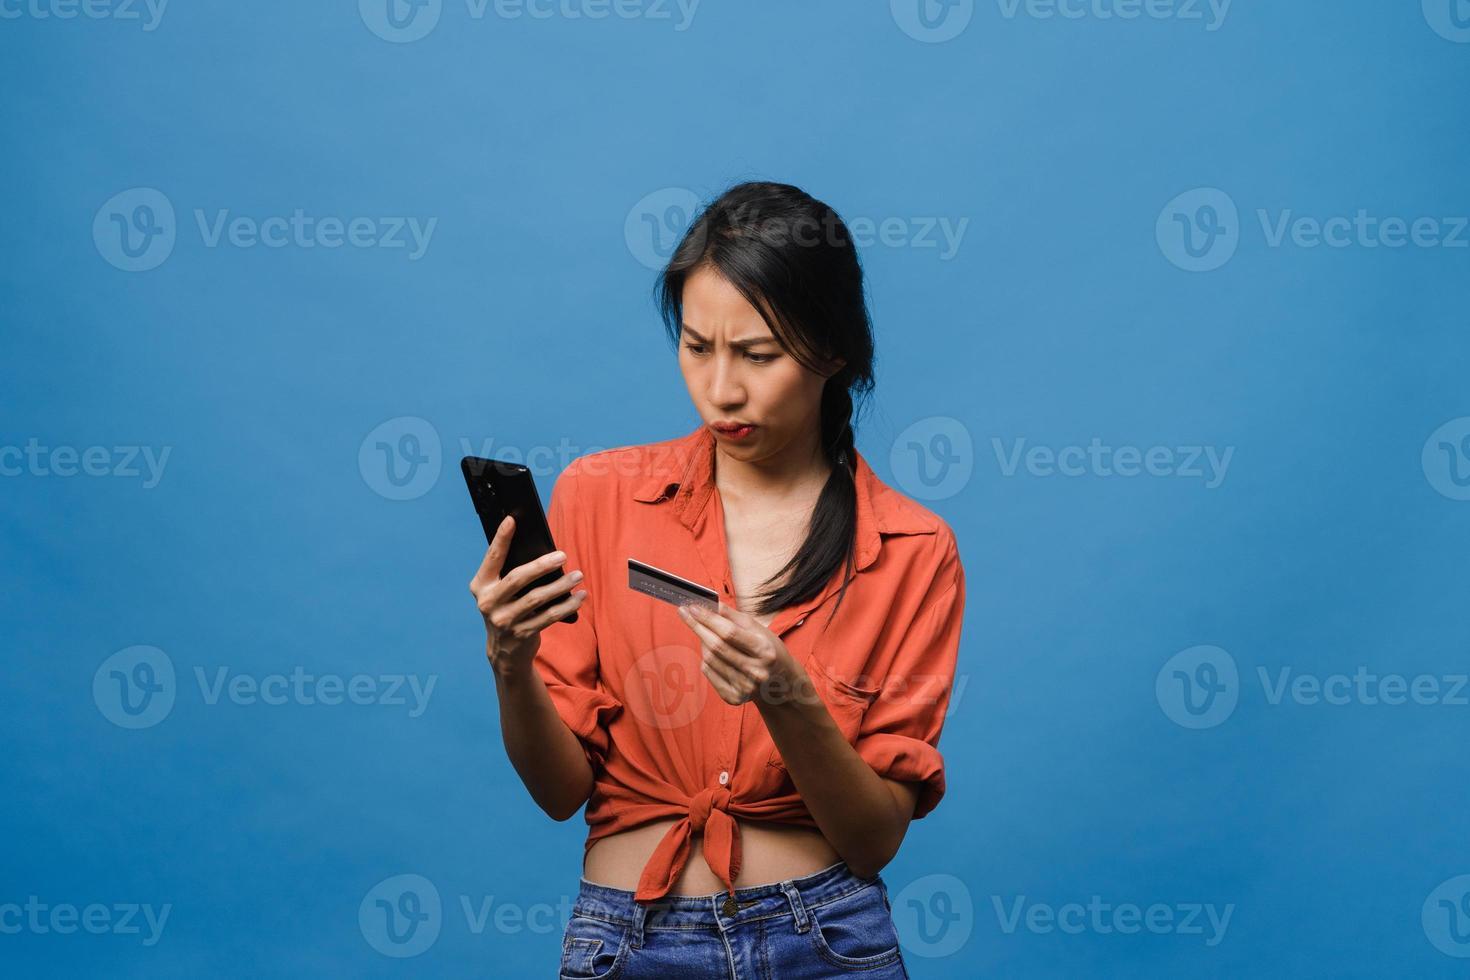 giovane donna asiatica che utilizza il telefono e la carta di credito con espressione negativa, urla eccitate, piangi emotivamente arrabbiato in un panno casual e stand isolato su sfondo blu. concetto di espressione facciale. foto